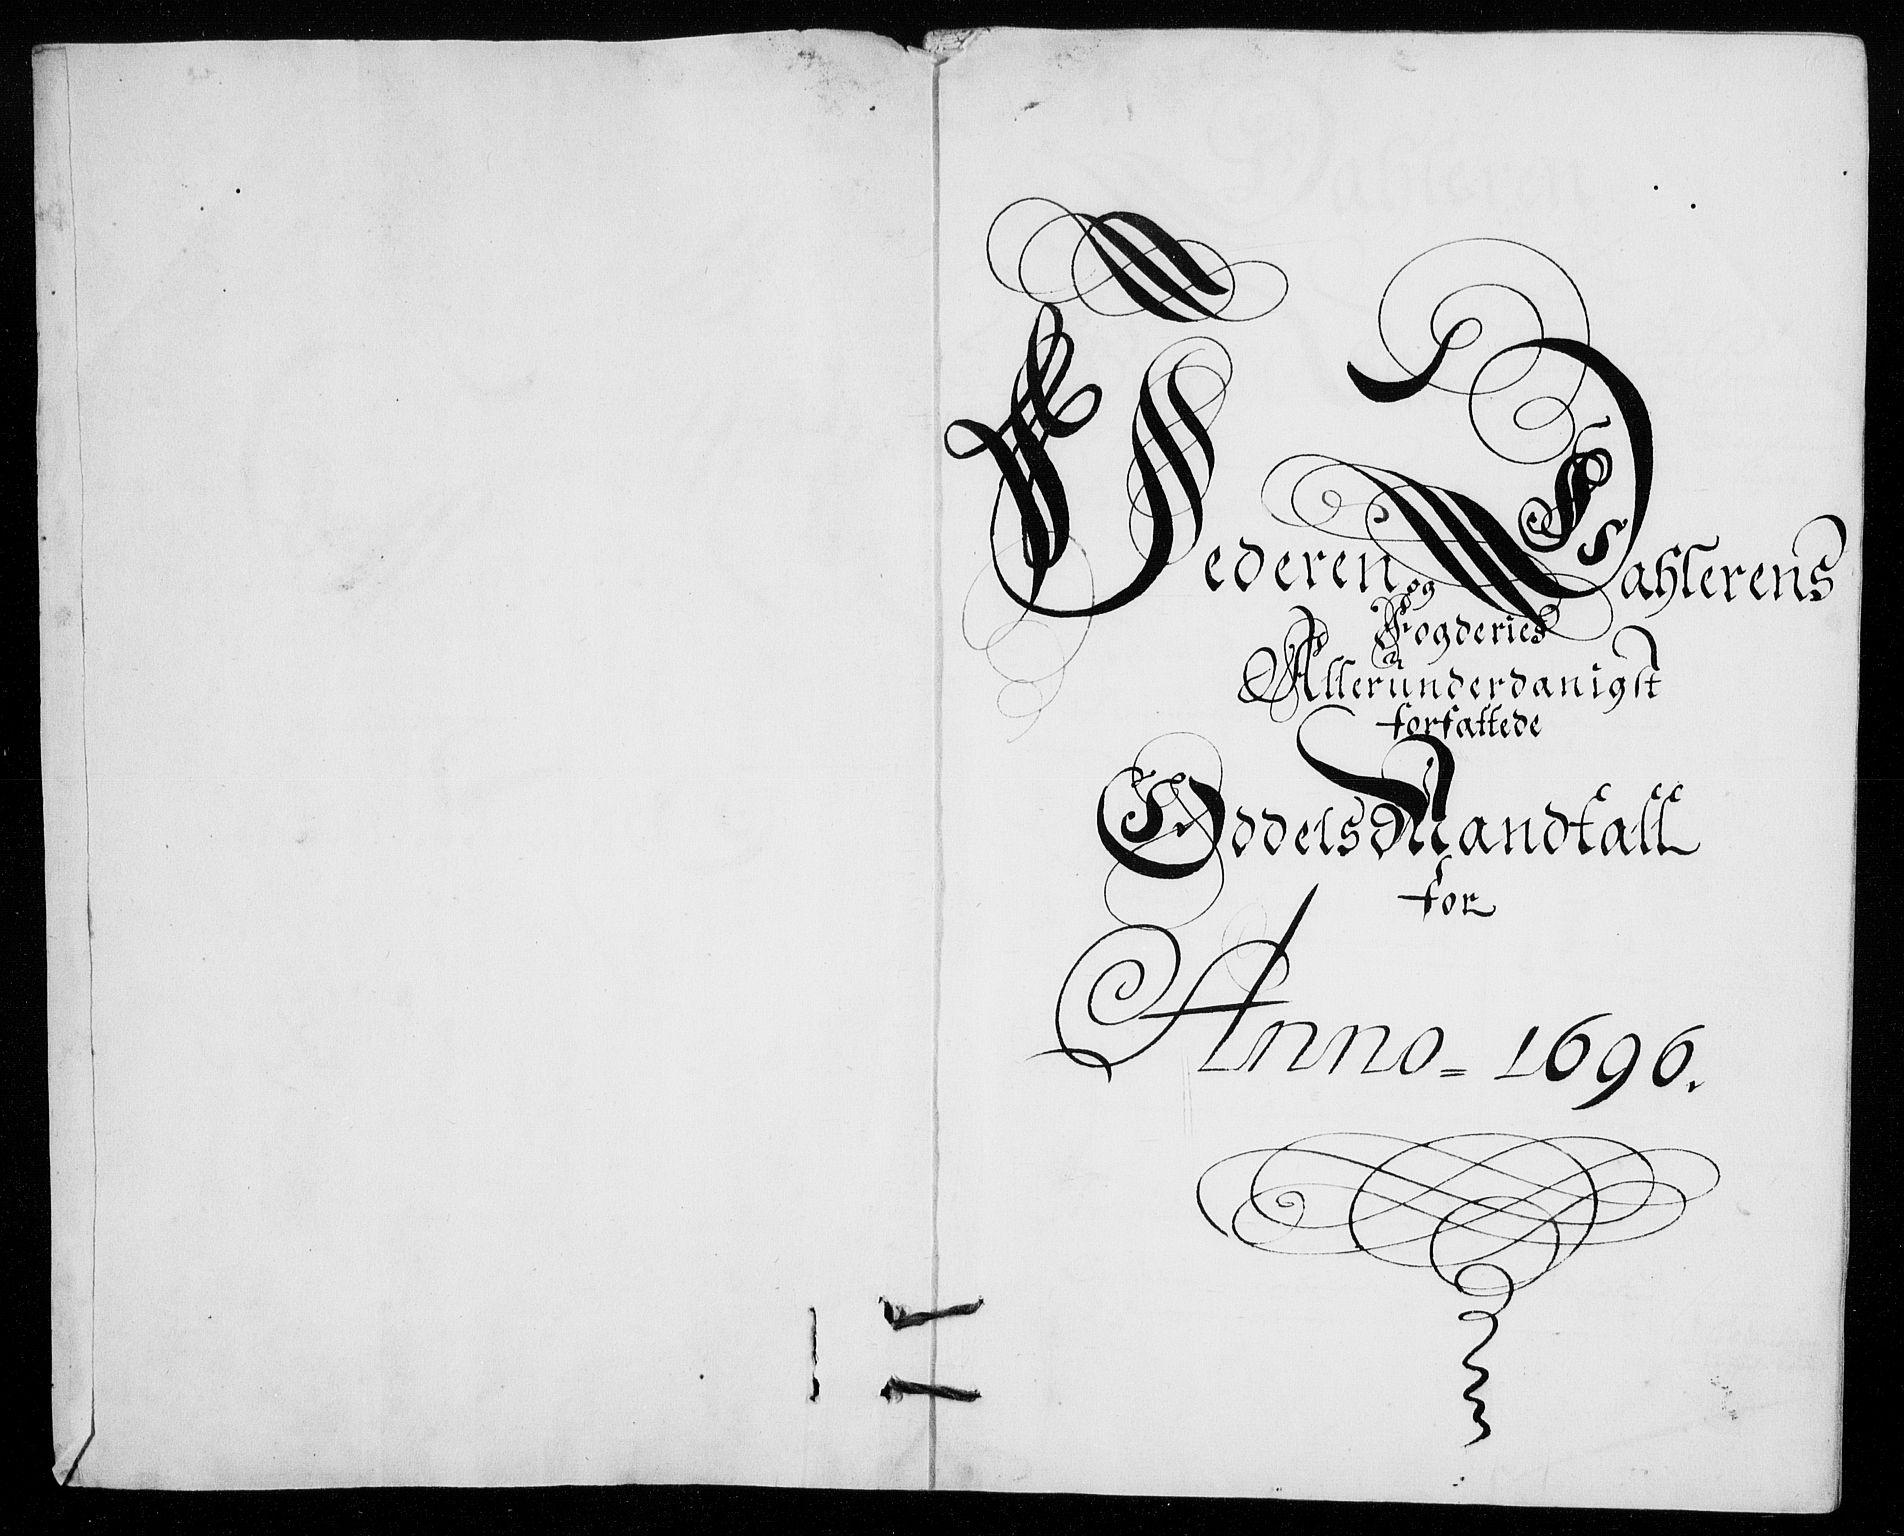 RA, Rentekammeret inntil 1814, Reviderte regnskaper, Fogderegnskap, R46/L2728: Fogderegnskap Jæren og Dalane, 1694-1696, s. 434